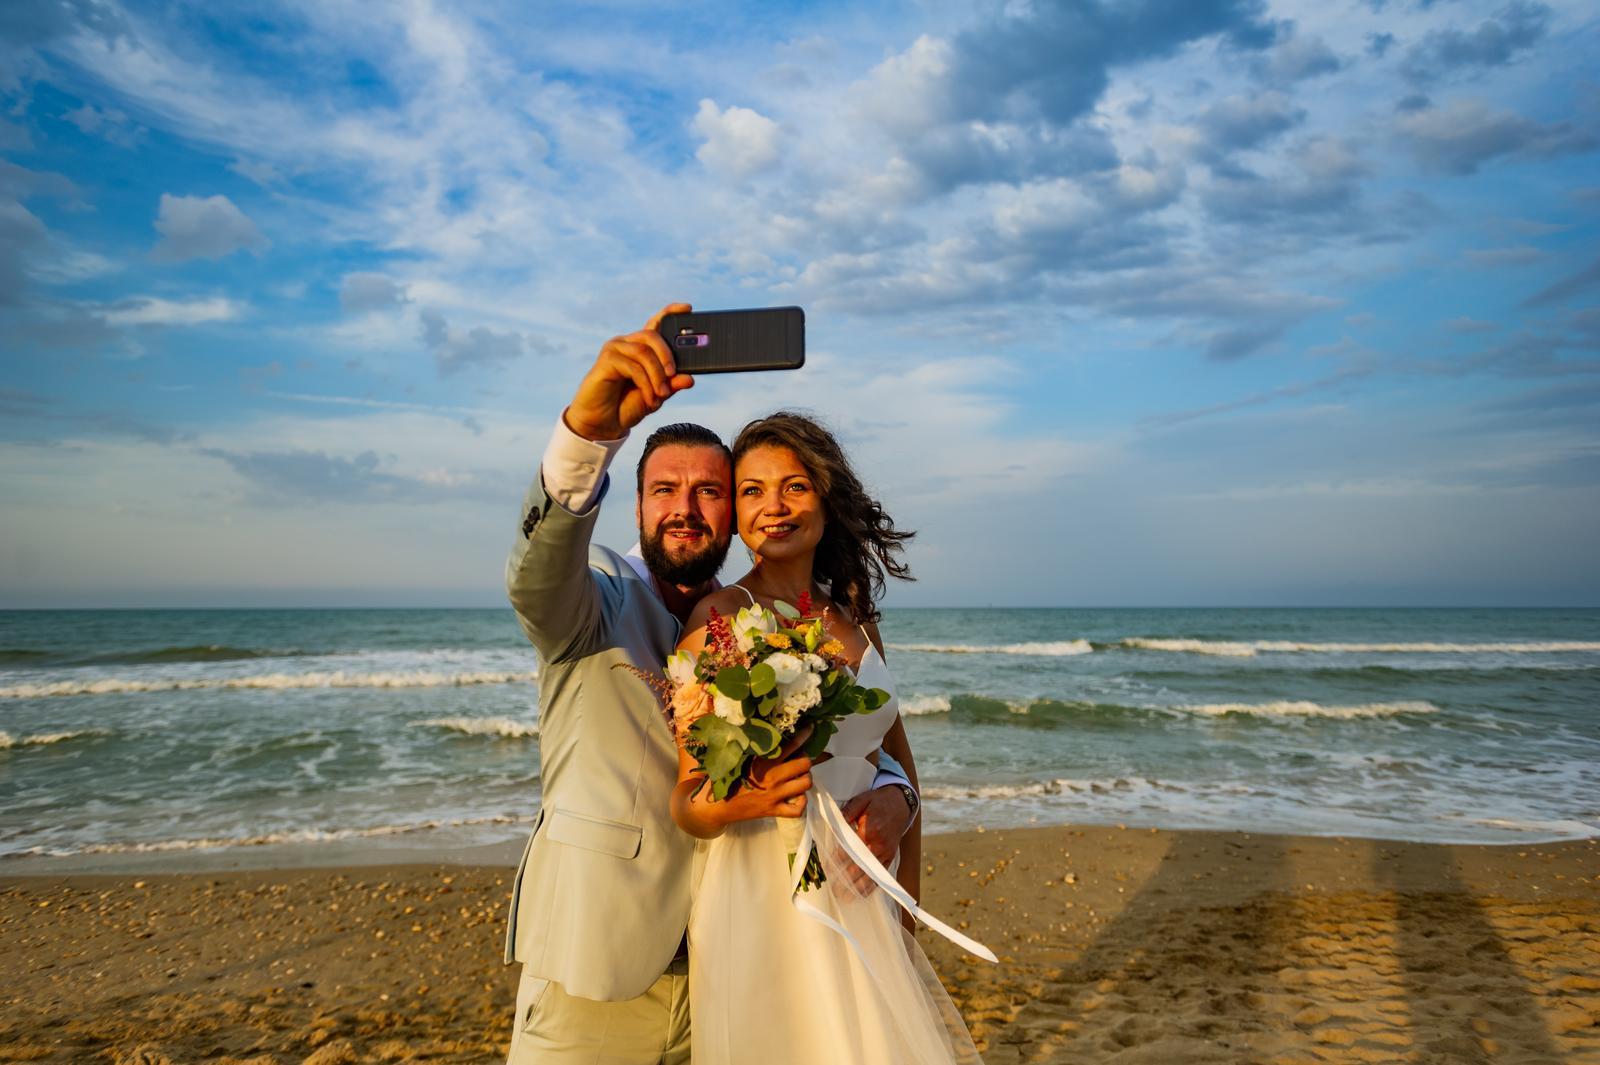 Svatby roku 2019 - Obrázek č. 8